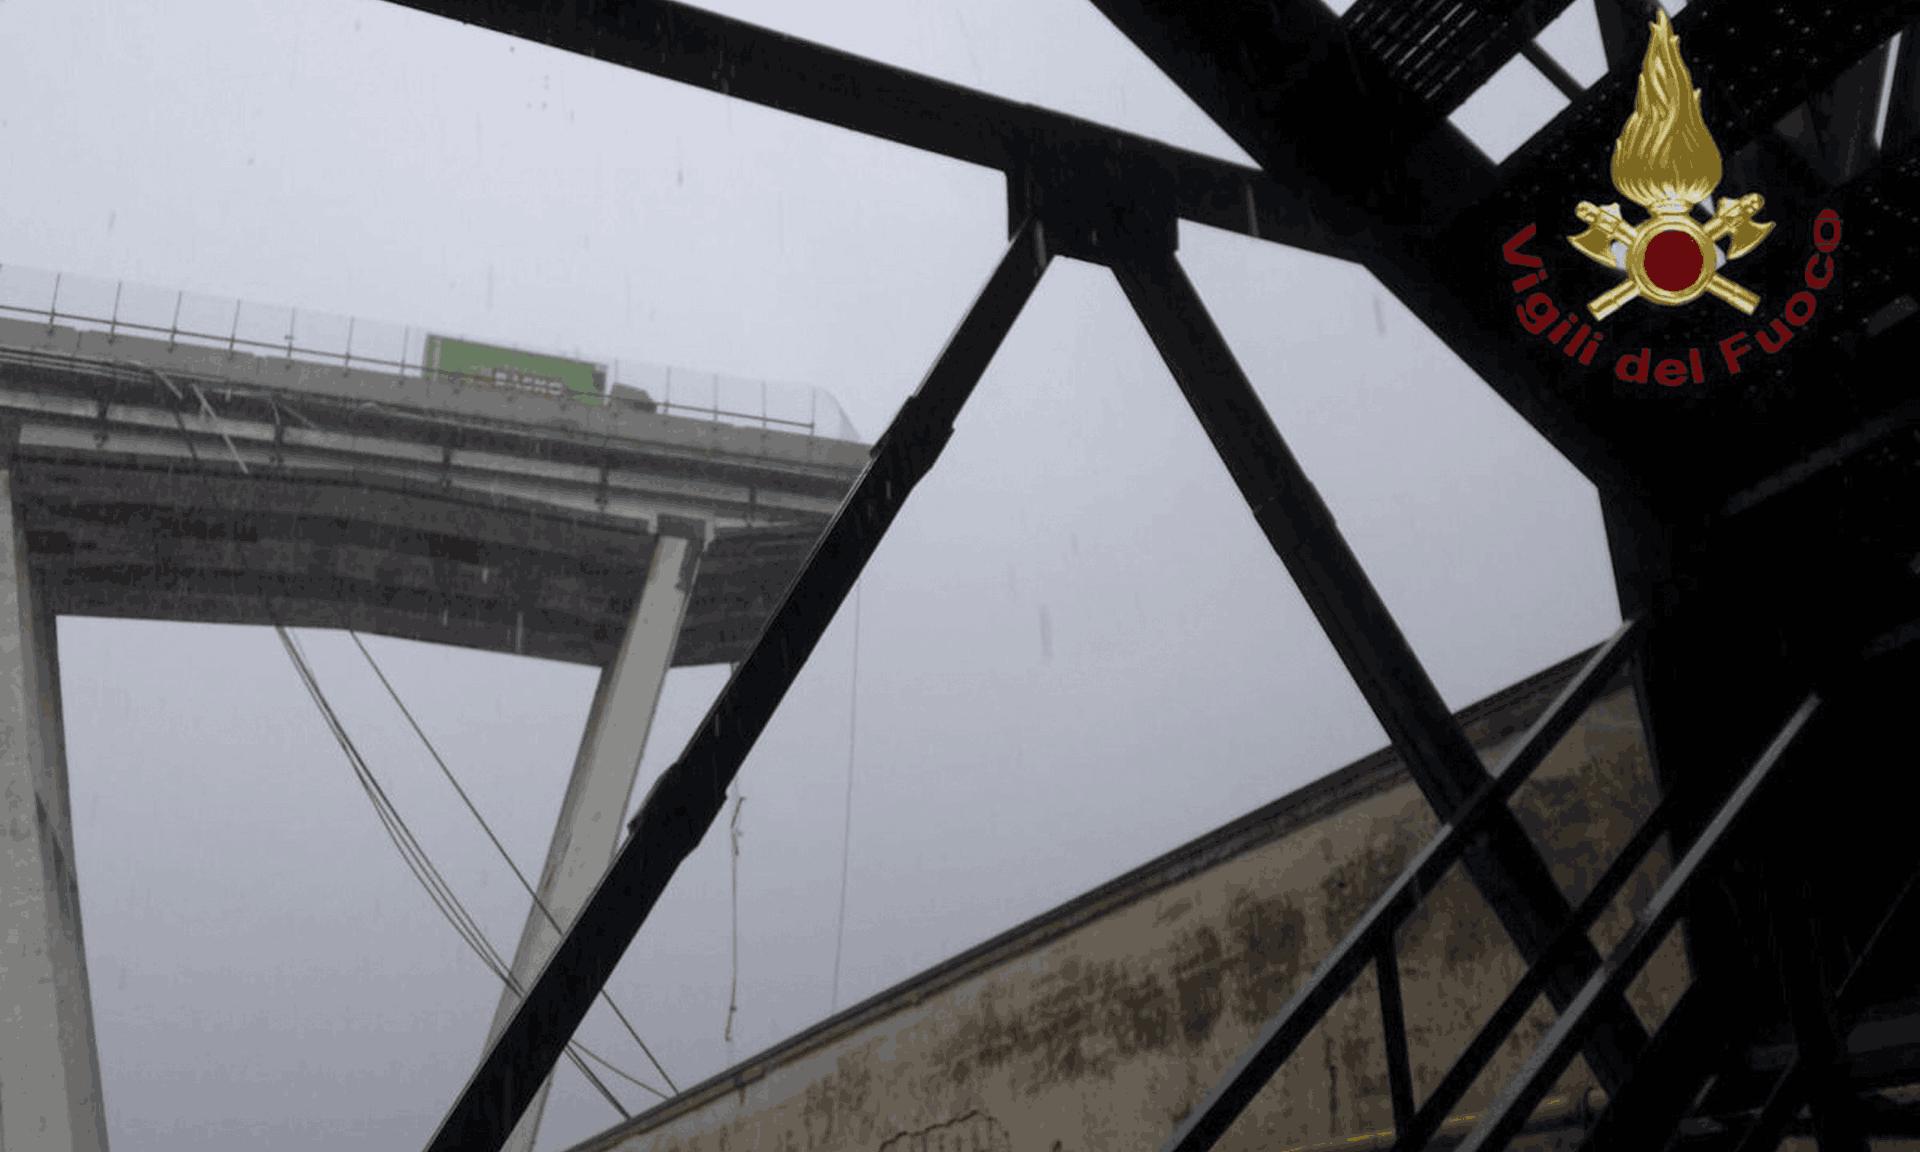 Tragedie Genova viaduct prabusit